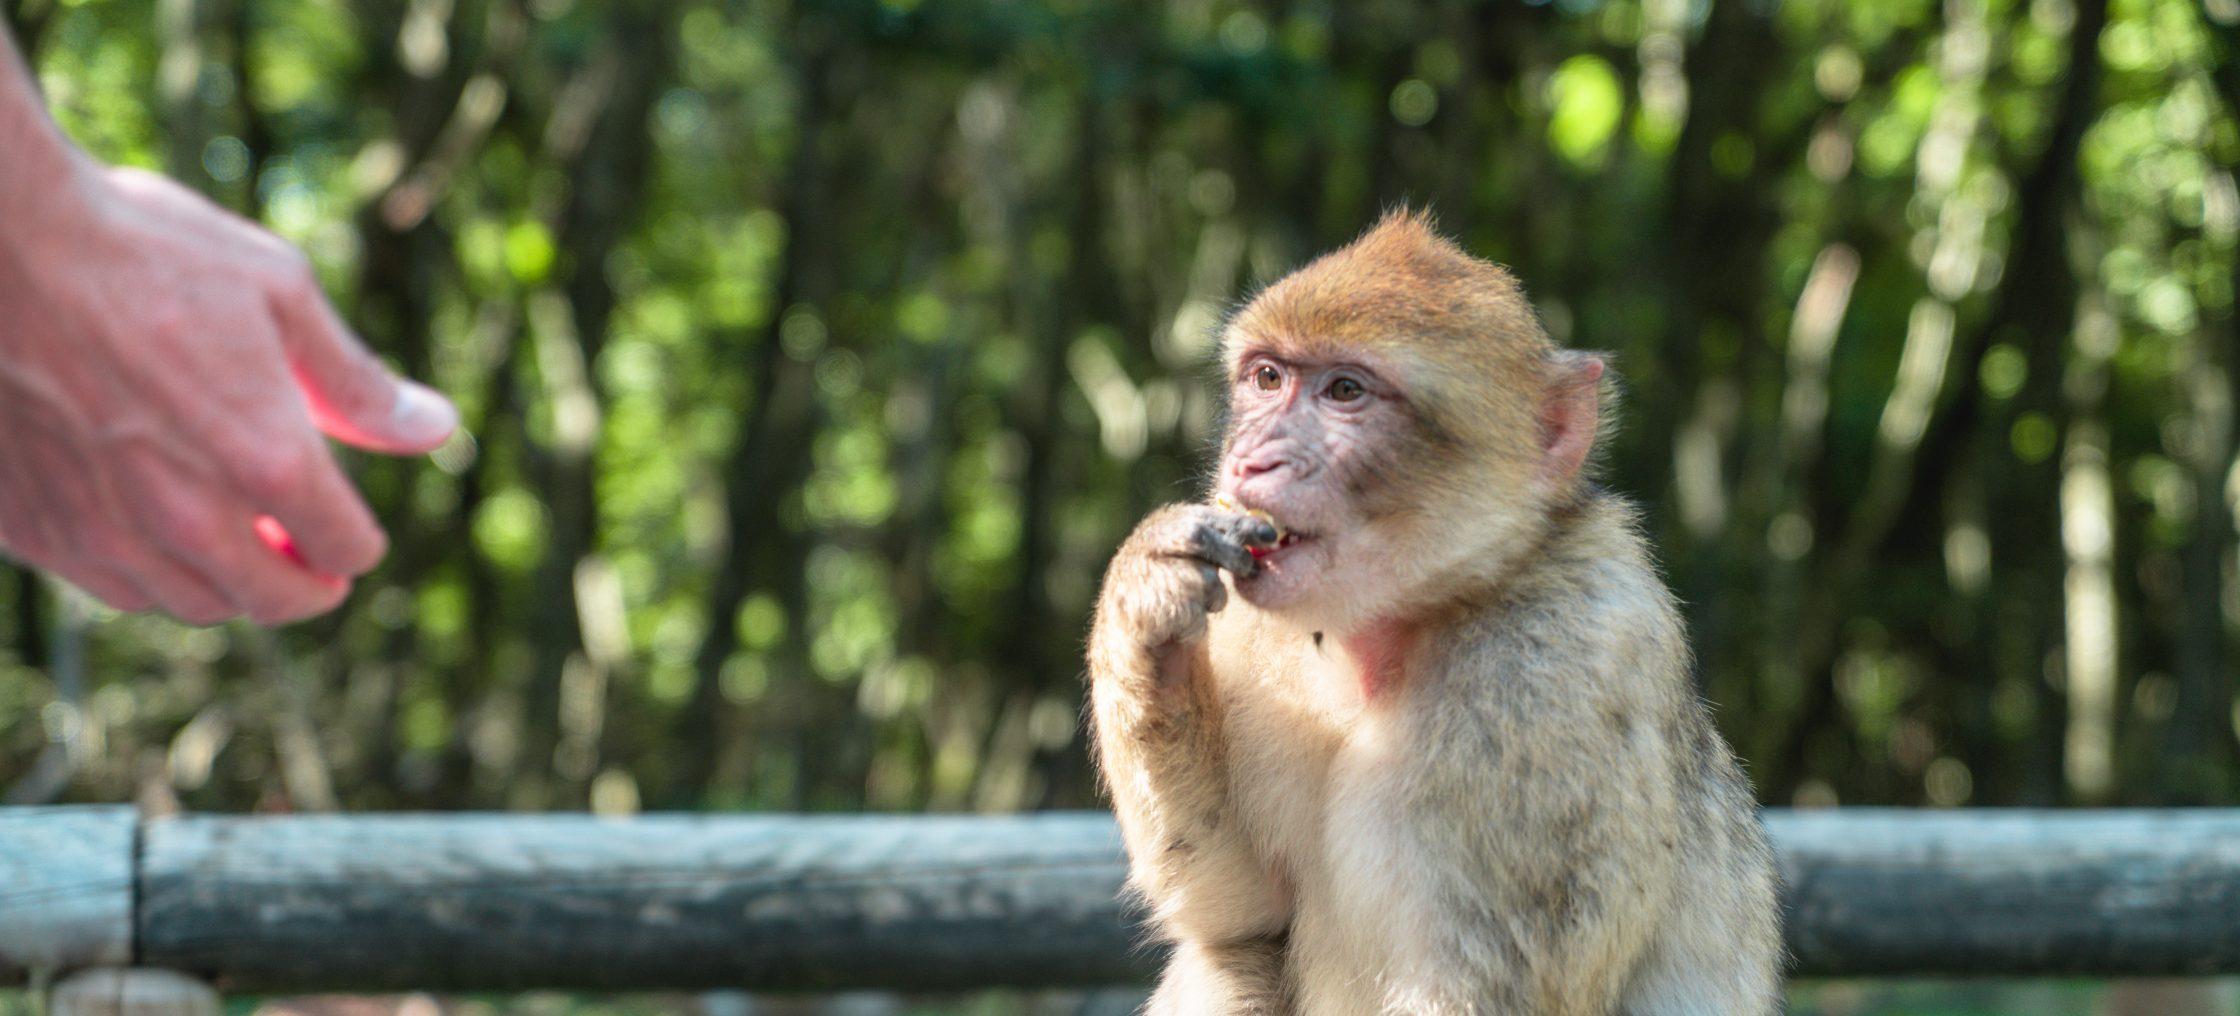 Bodensee Affe schaut Hand an